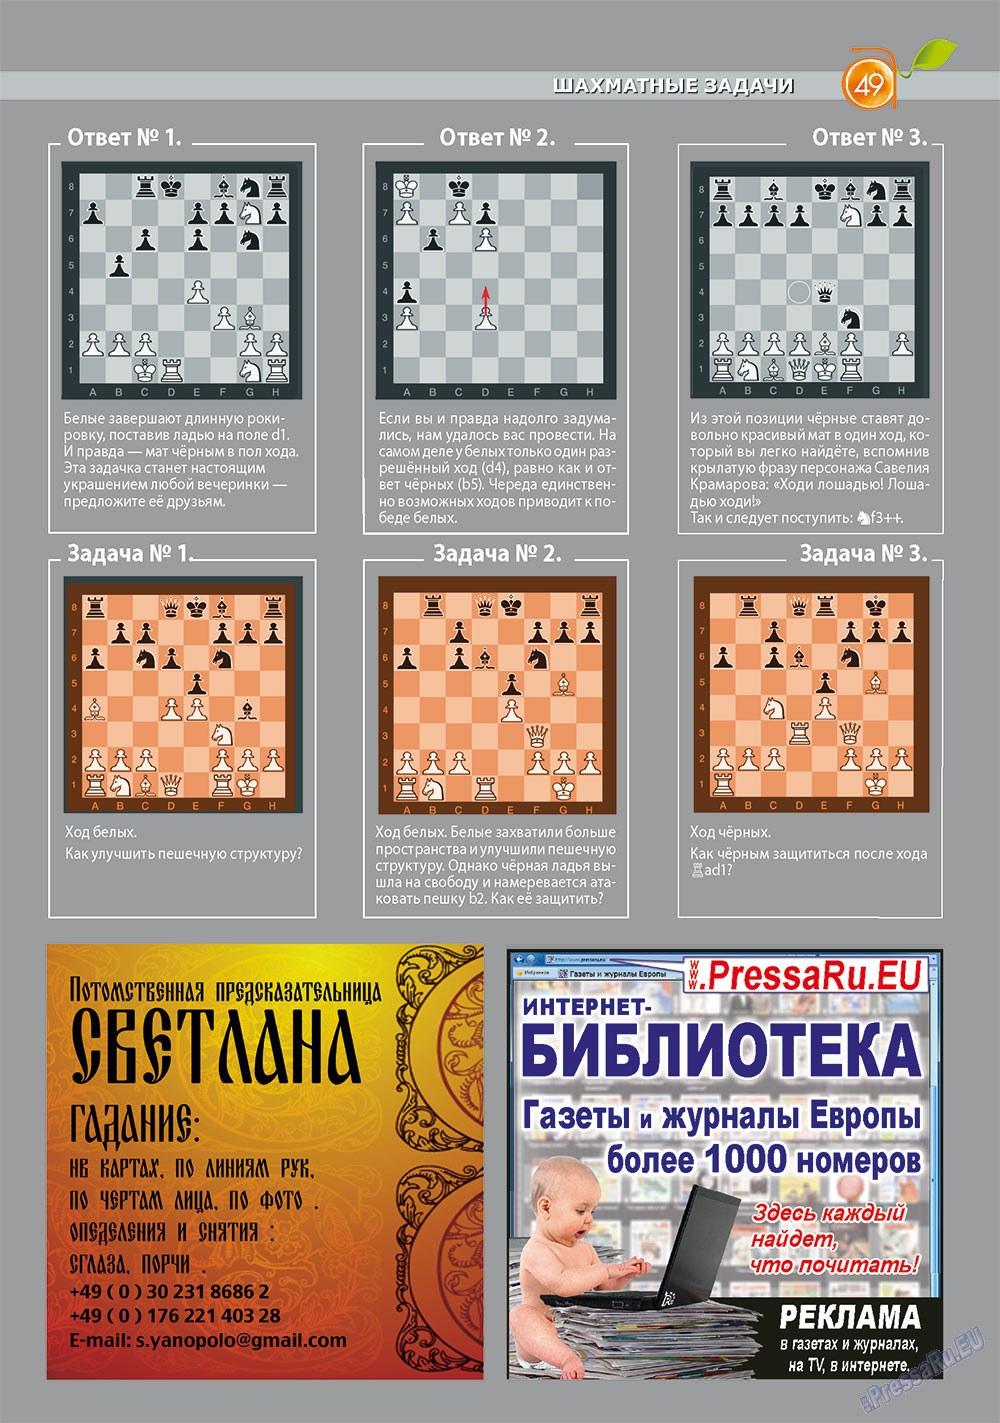 Апельсин (журнал). 2012 год, номер 34, стр. 49